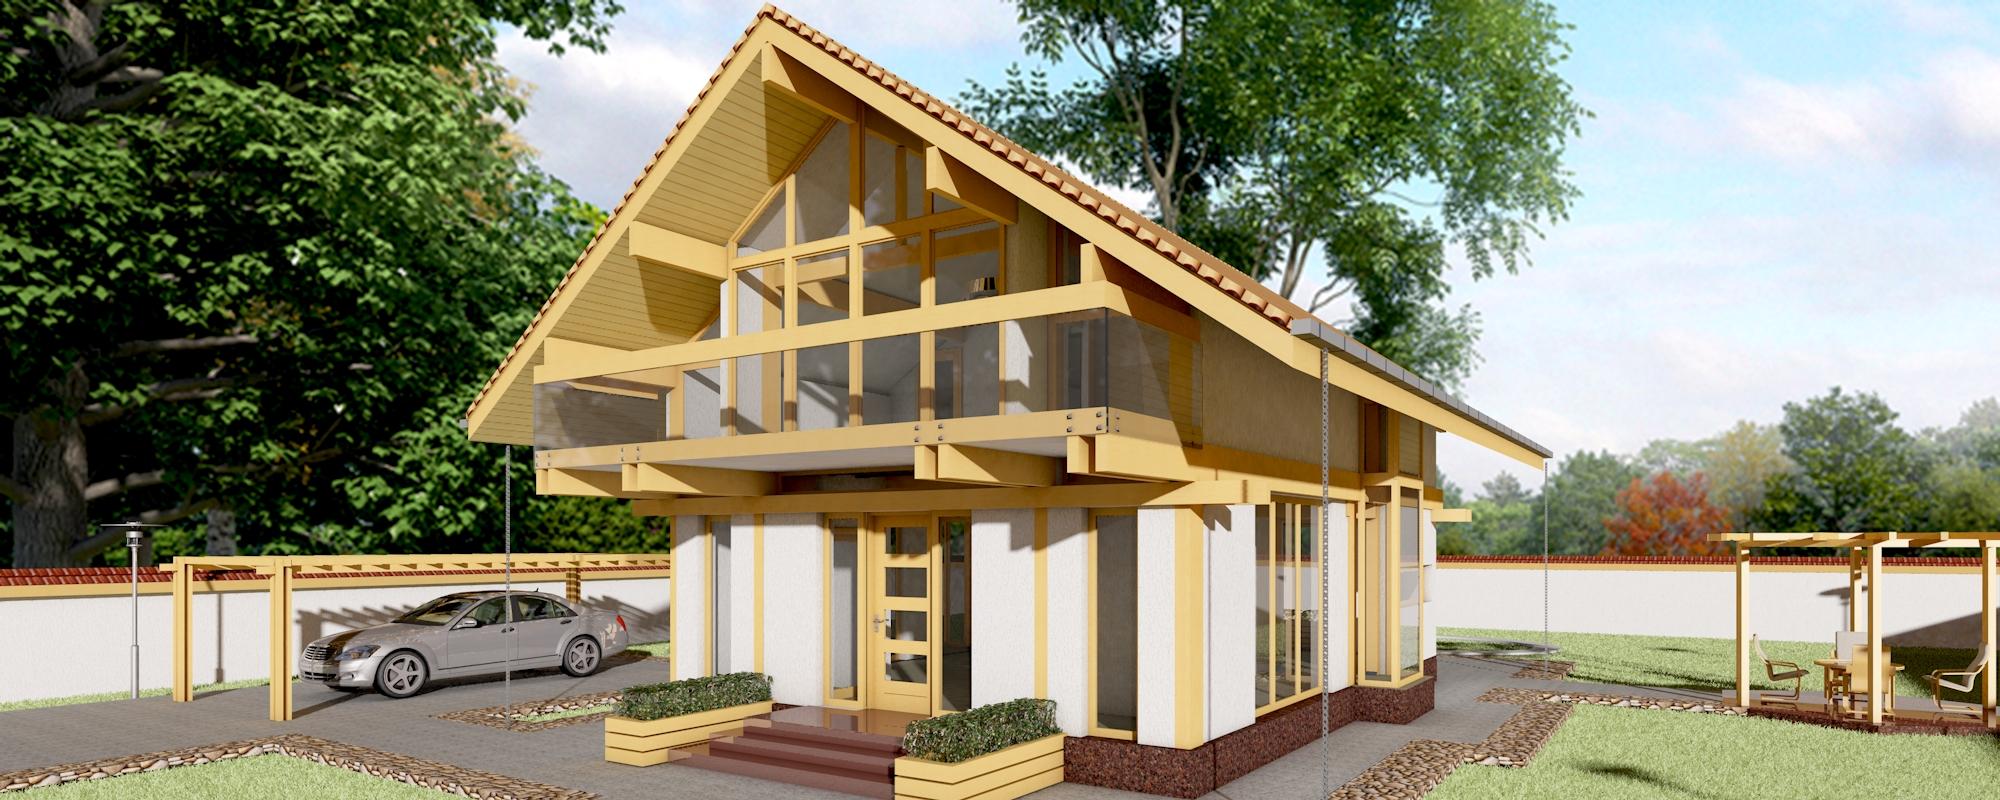 oferta casa de lemn